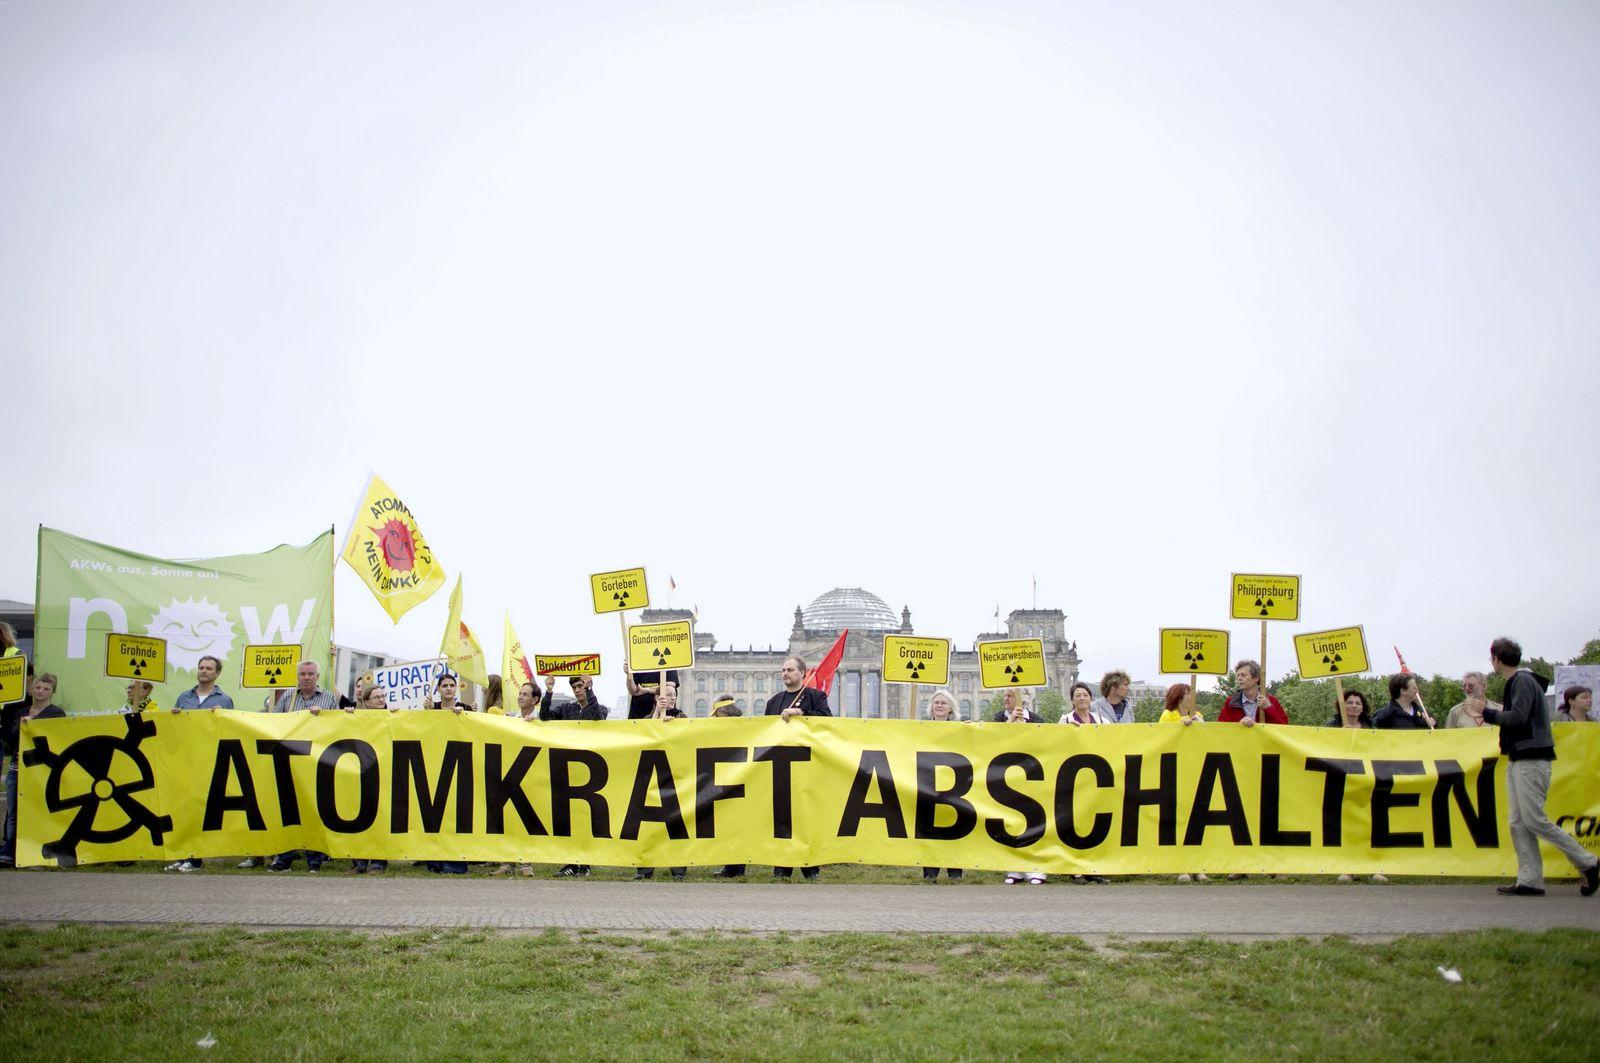 NICHT VERWENDEN Atomenergie/Demonstrationen/Proteste/Atom/Energie/Regierung/Bundestag